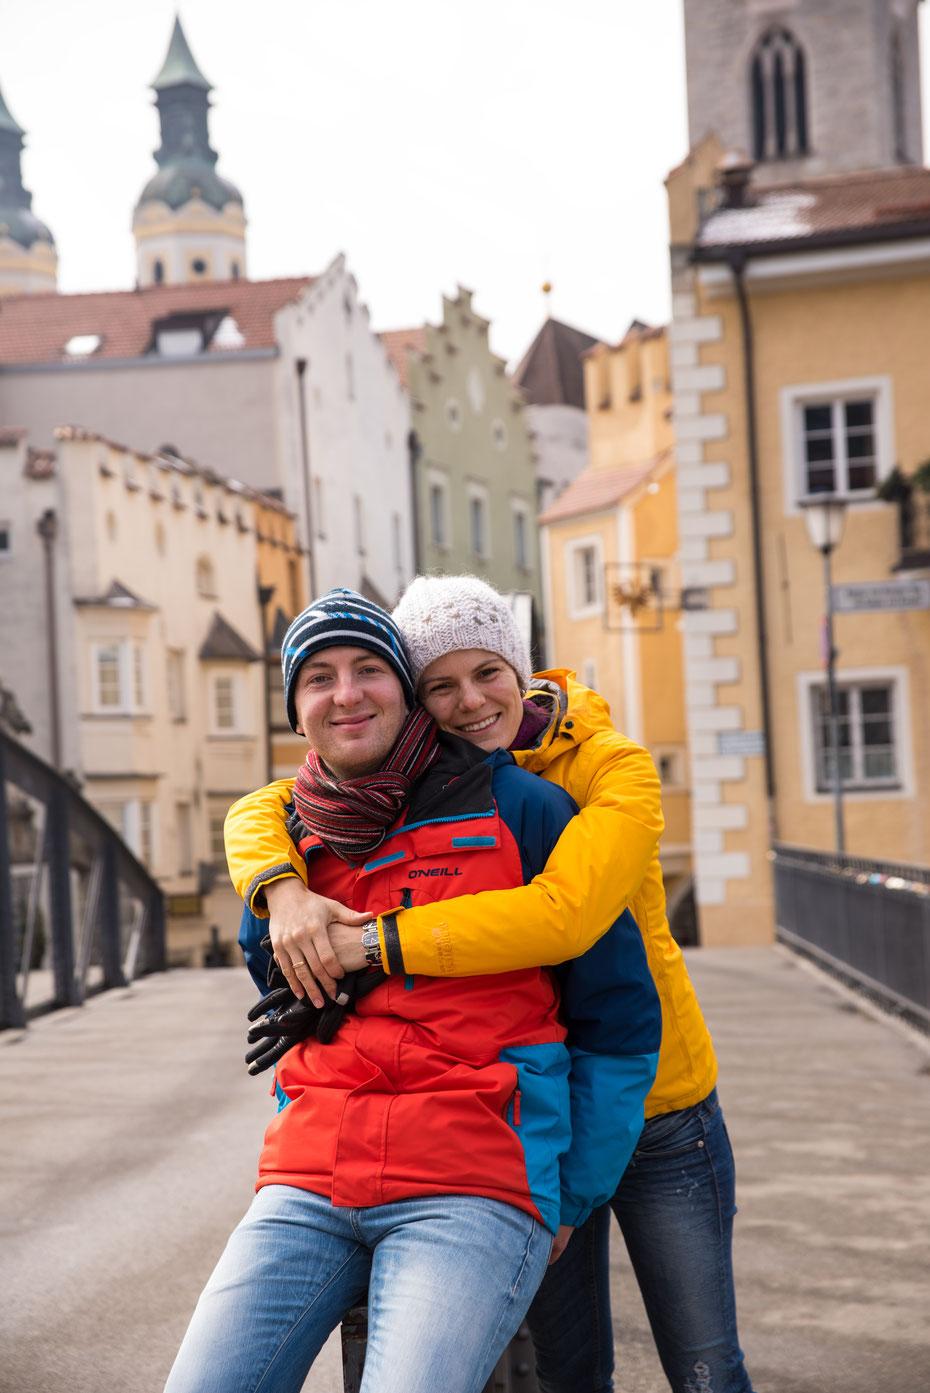 Brigitte und Jan - so ganz spontan zwischendurch beim Stadtbummel in Brixen entstand dieses Portrait. Wie schon bei der Hochzeit der beiden war es mal wieder ein Kinderspiel ein paar schöne Bilder auf die Speicherkarte zu bringen...